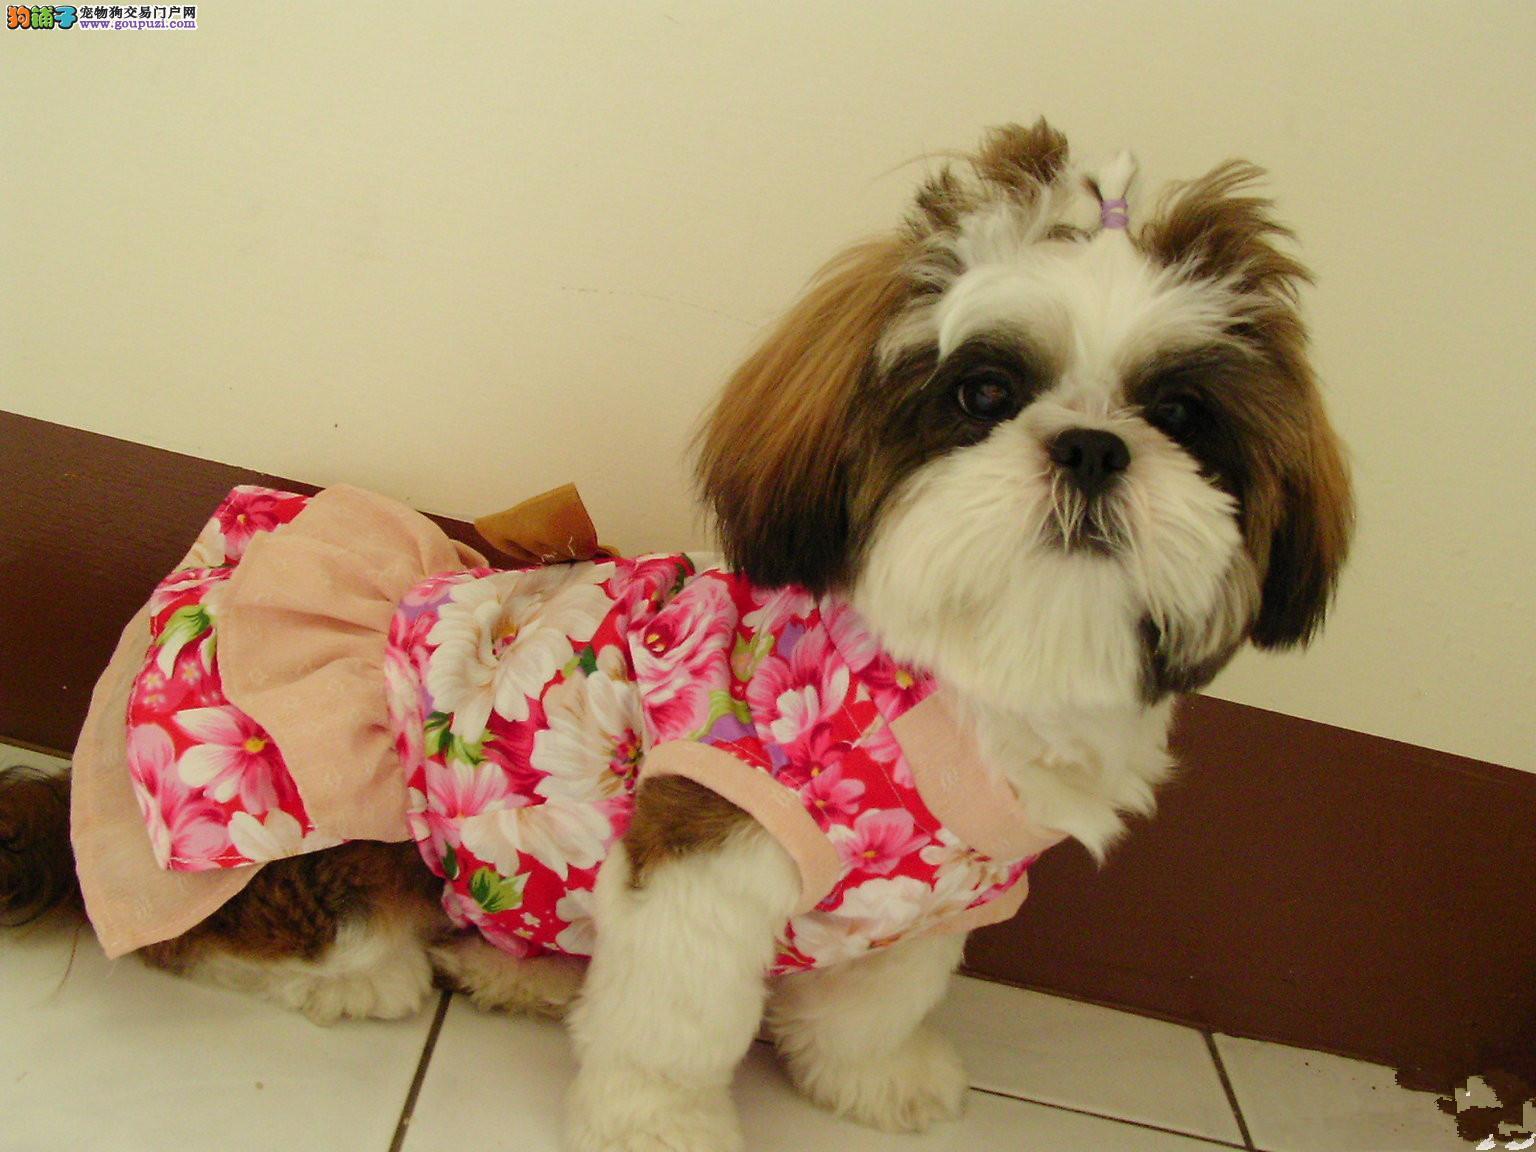 上海热销西施犬颜色齐全可见父母全国质保全国送货